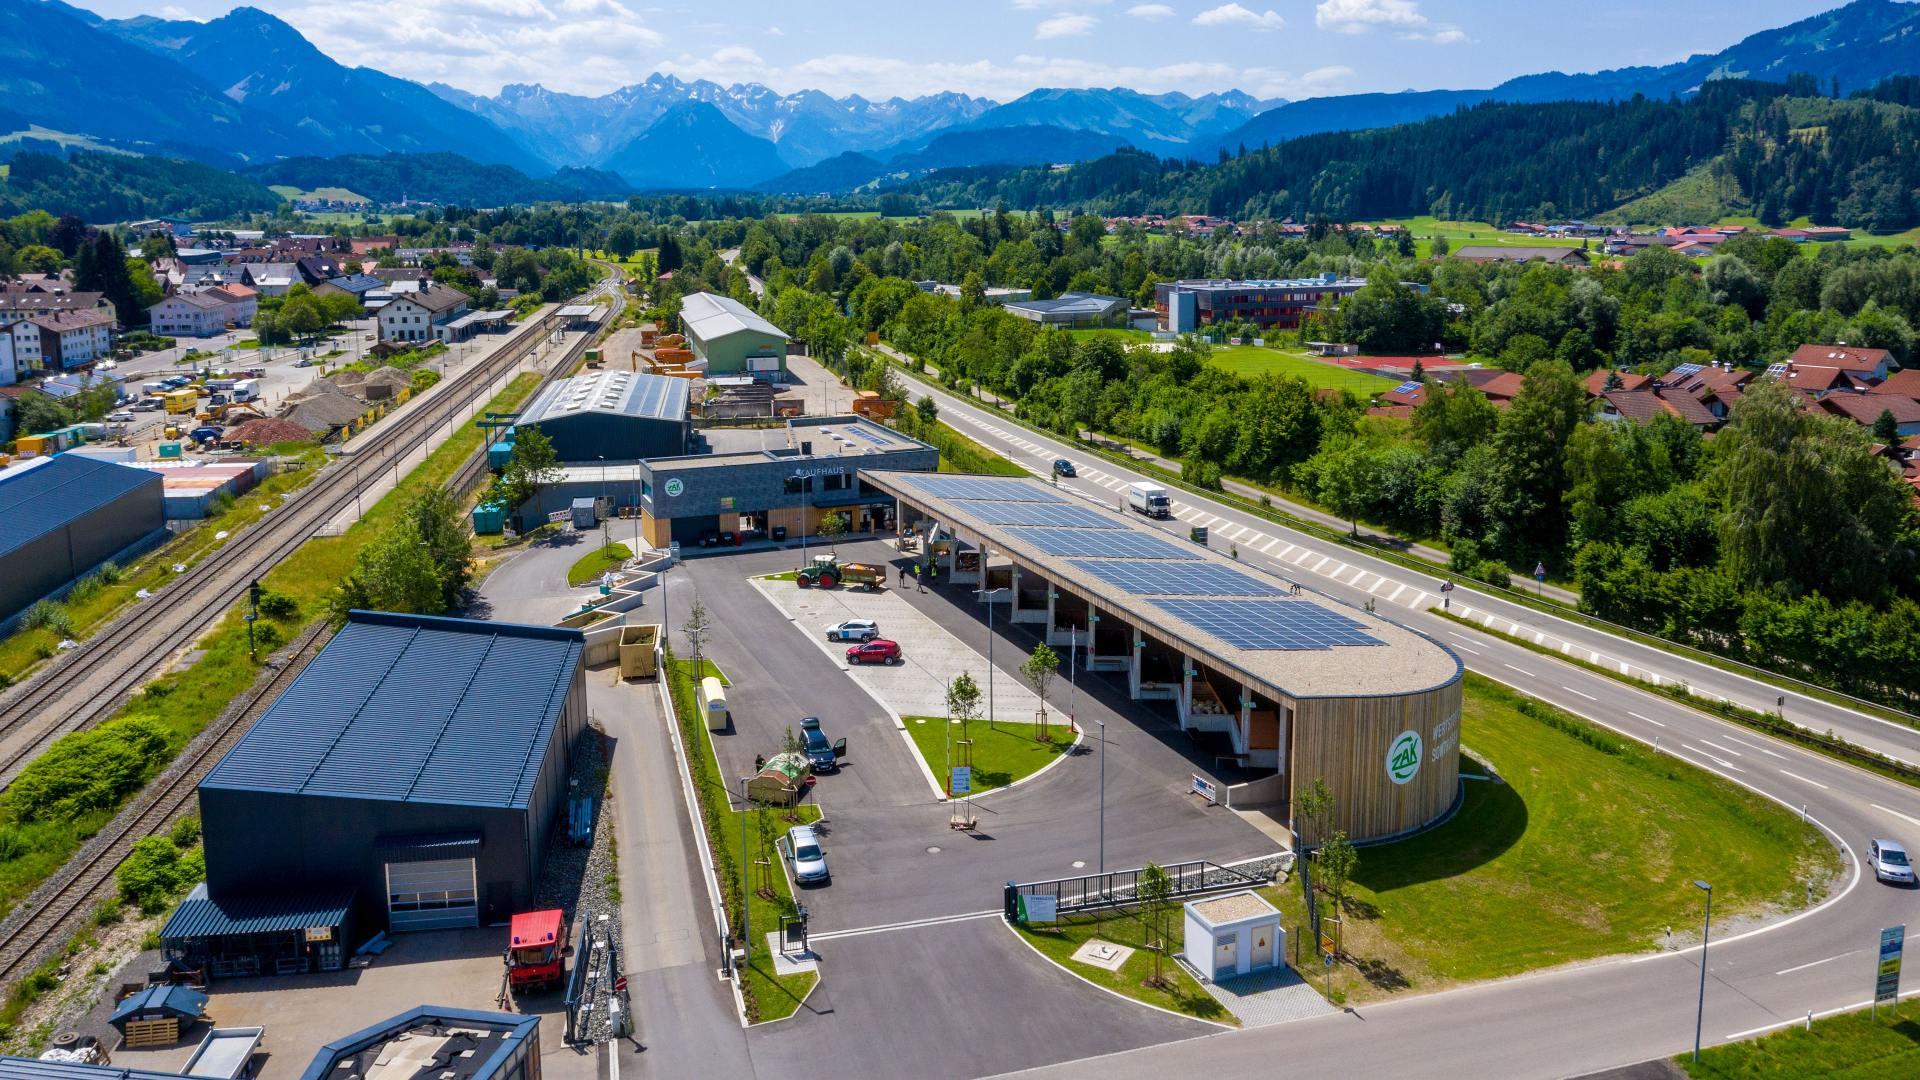 Wettbewerb Grüner Wertstoffhof: moderne Wertstoffhöfe in ländlichen Regionen